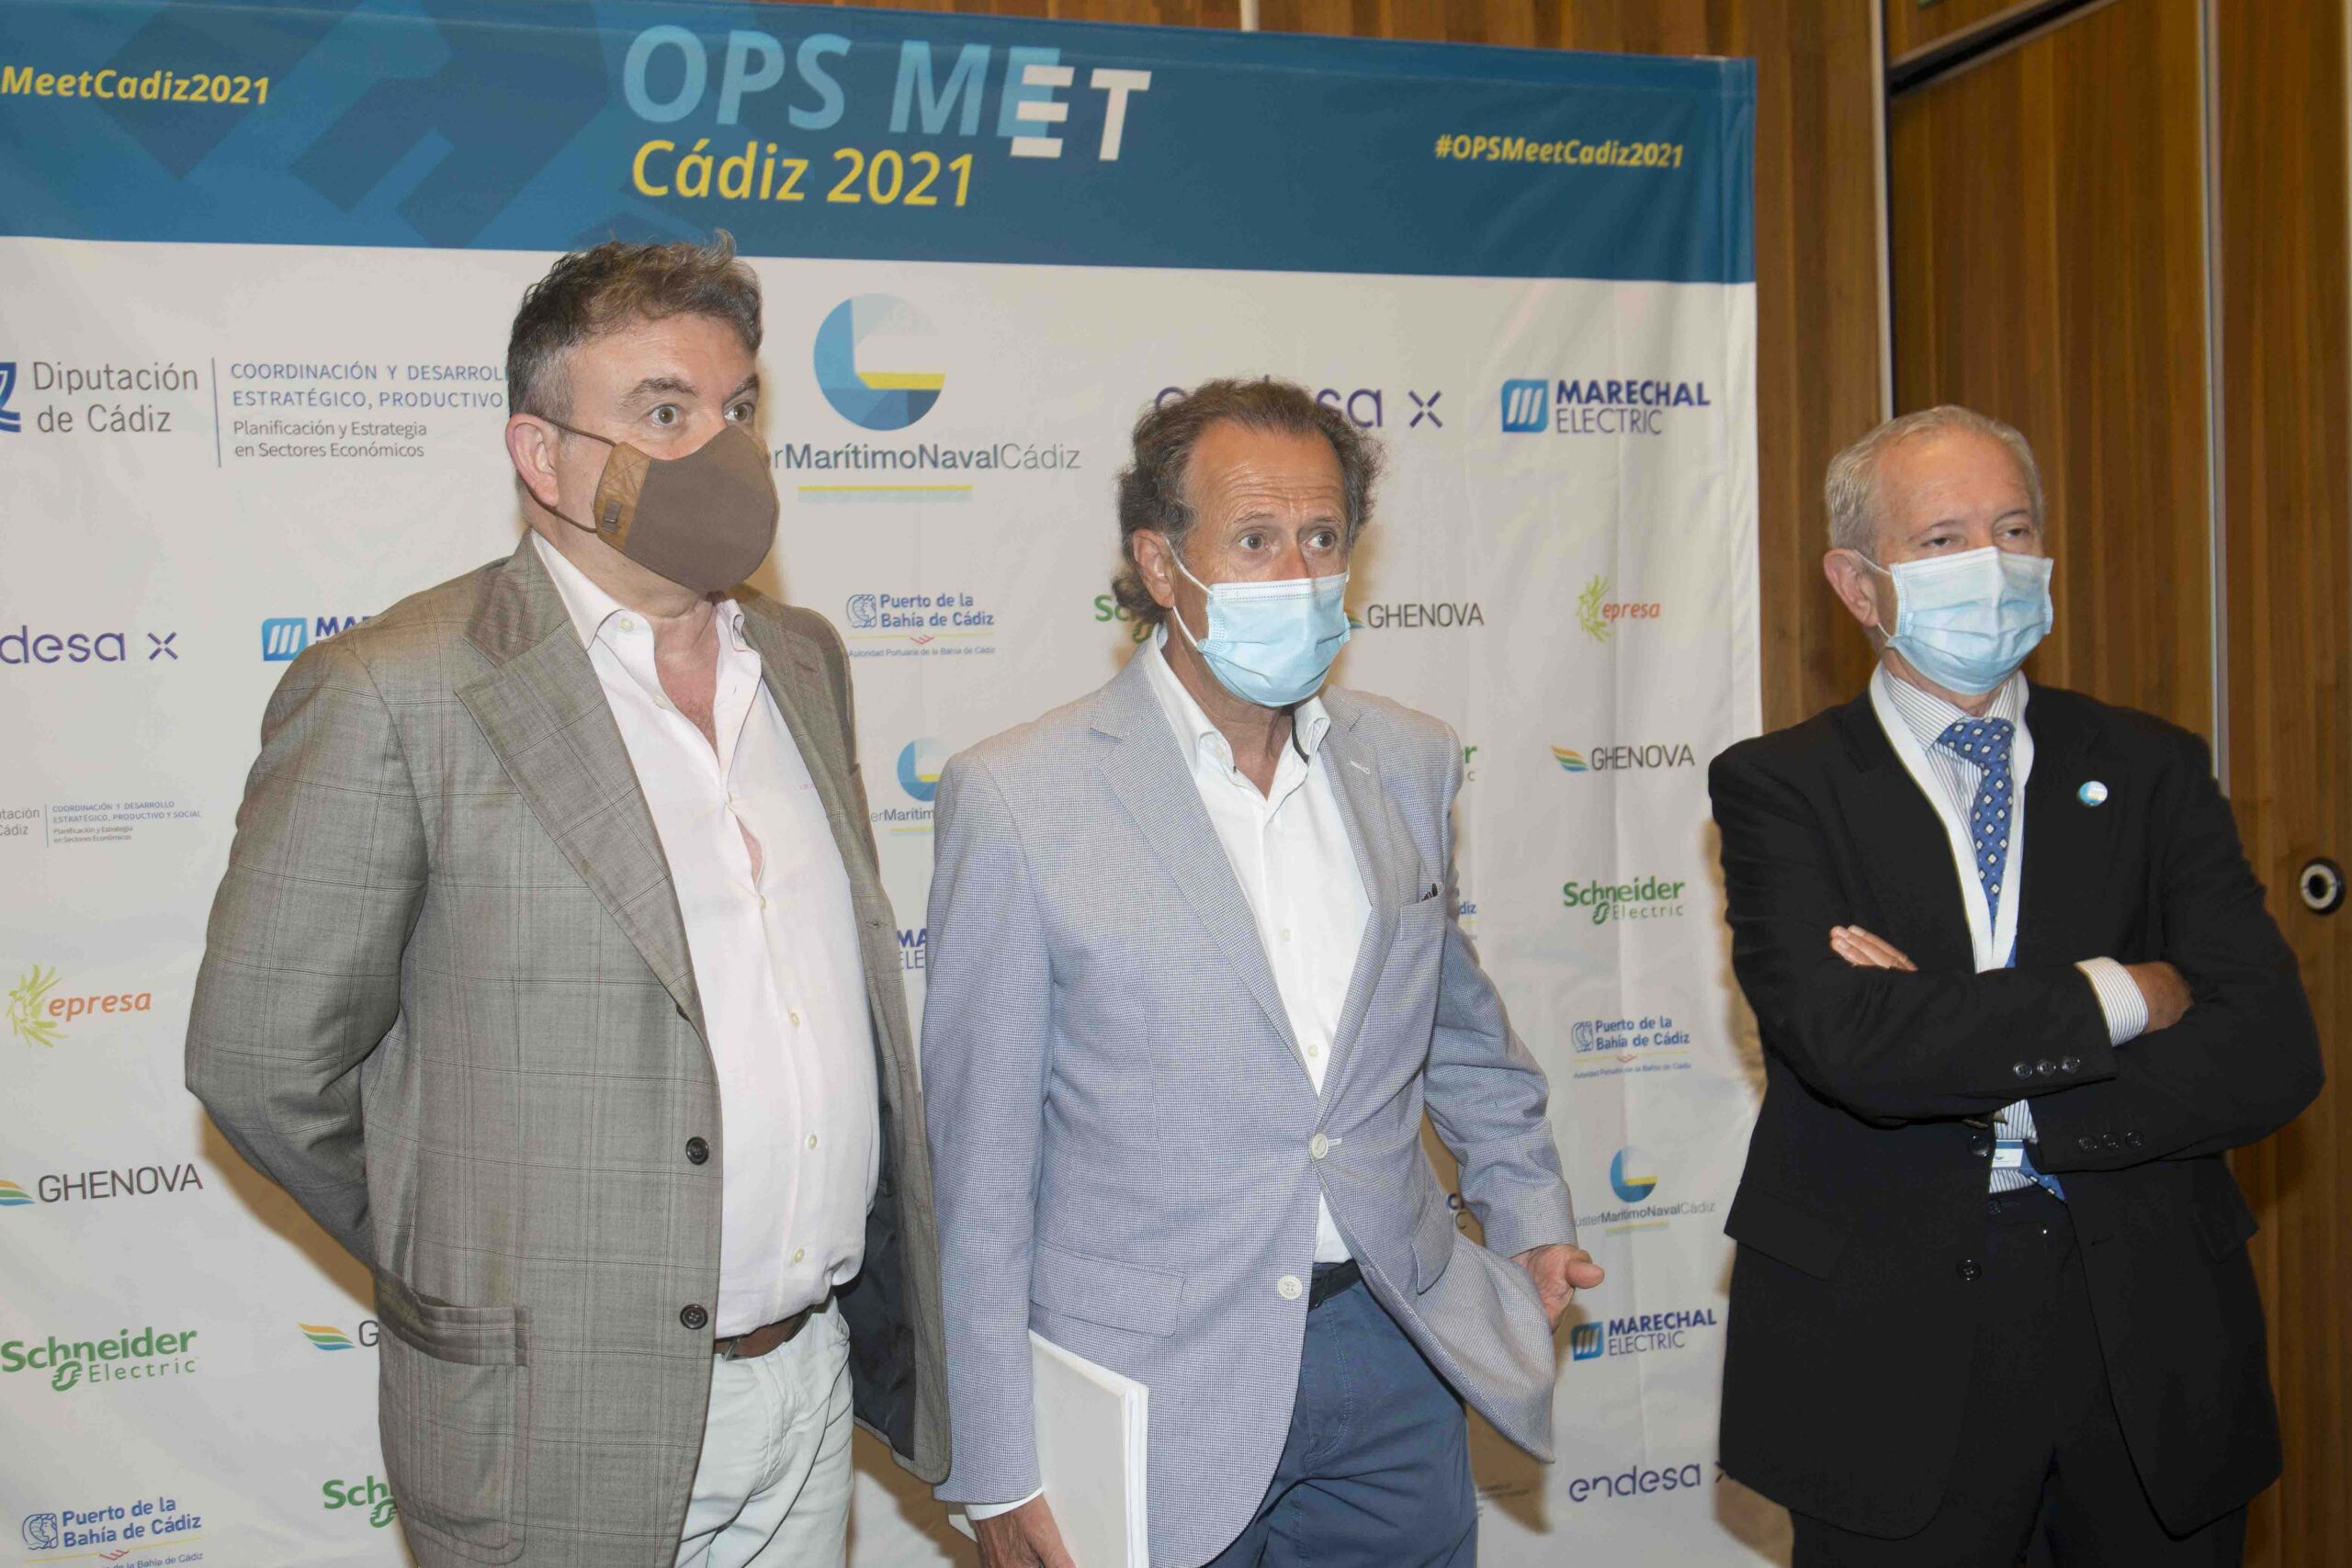 Diputación respalda el encuentro del Clúster Marítimo Naval de Cádiz para dar a conocer el sistema OPS para reducir la contaminación